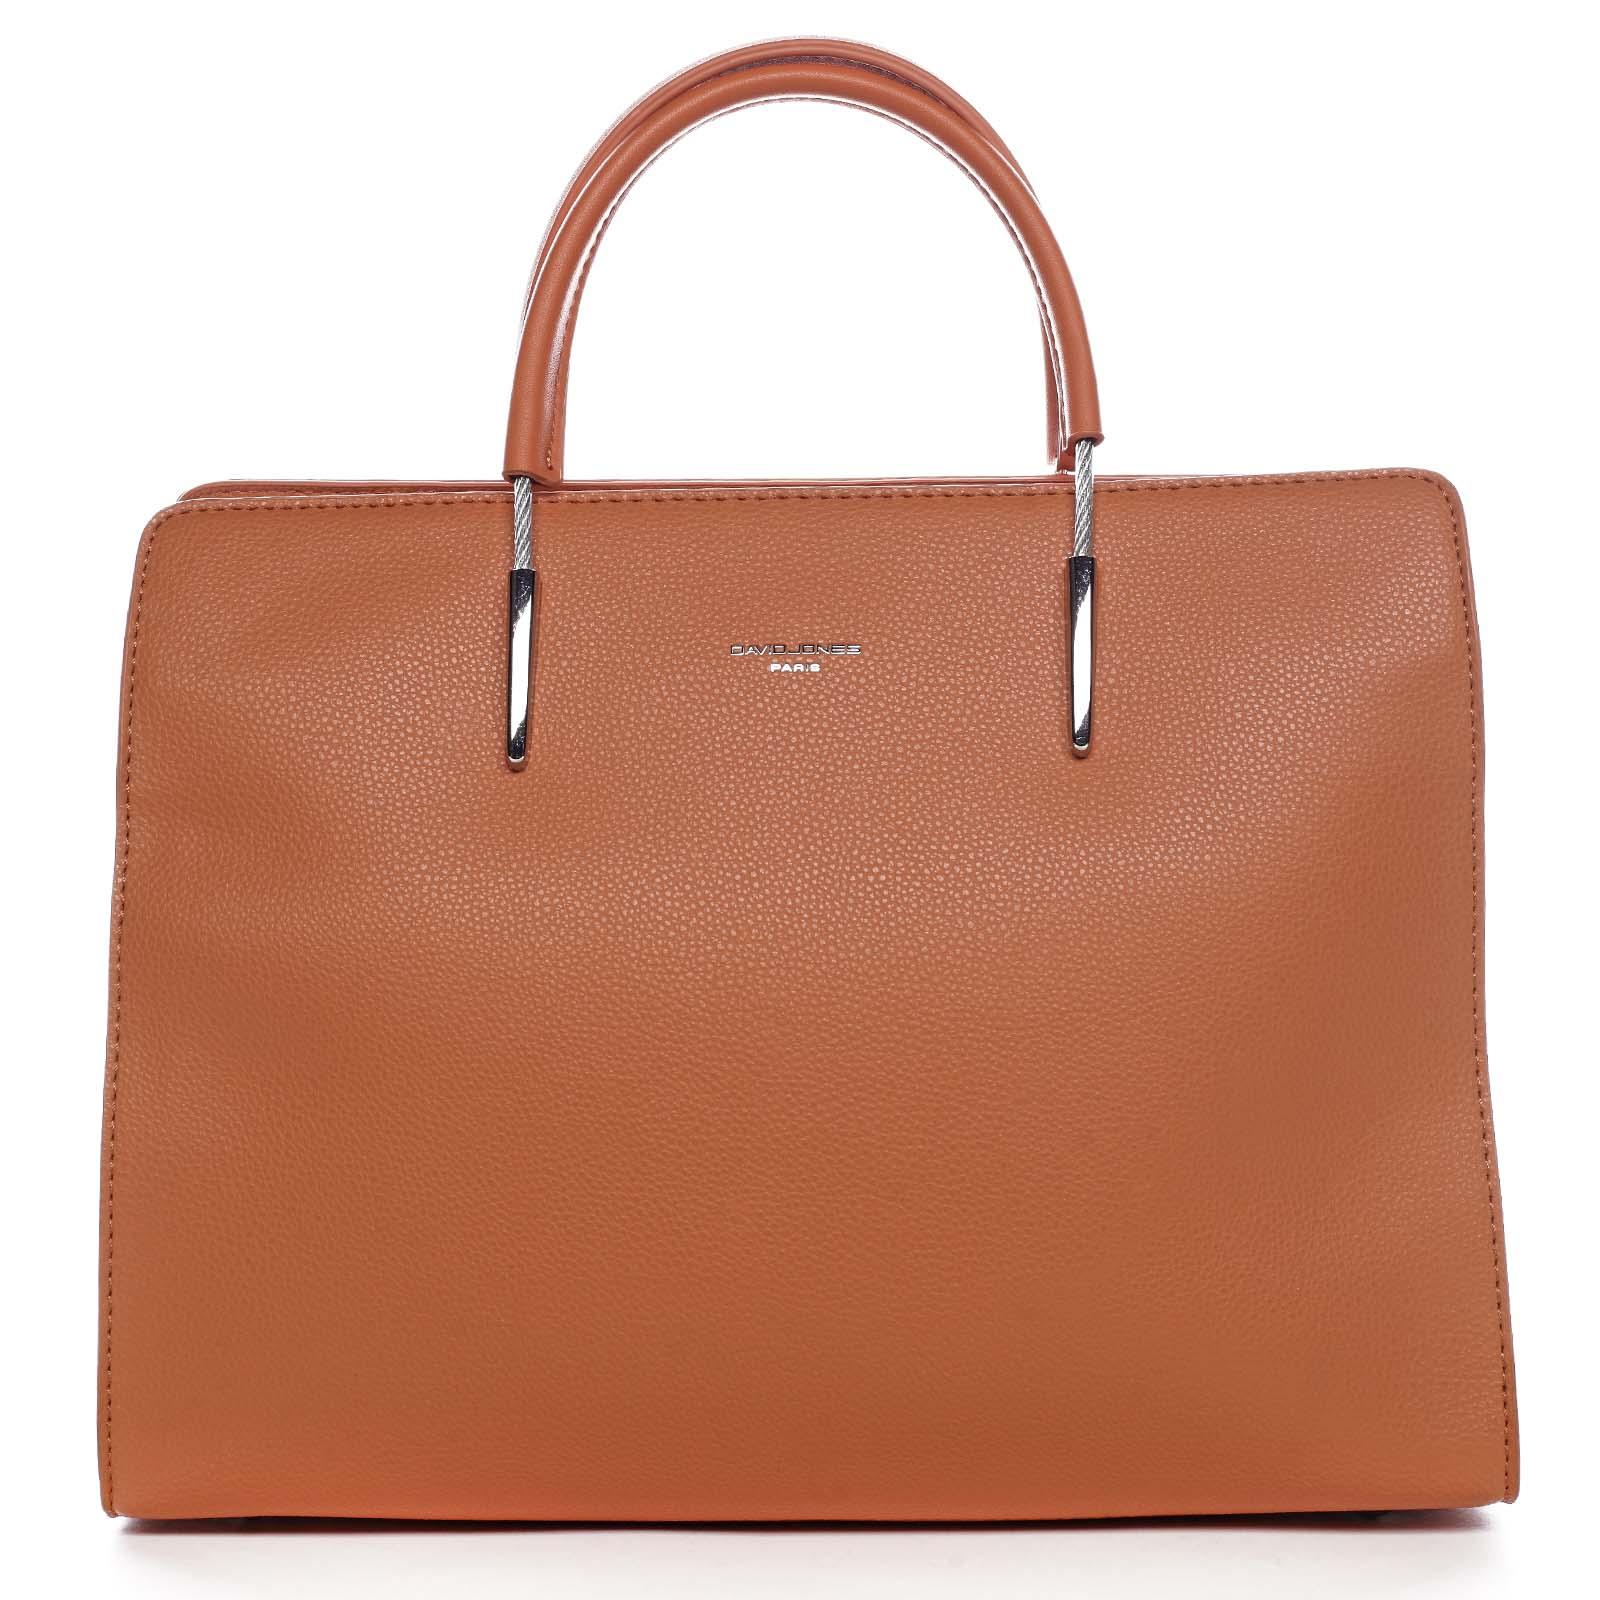 Dámská kabelka do ruky oranžová - David Jones Miracle